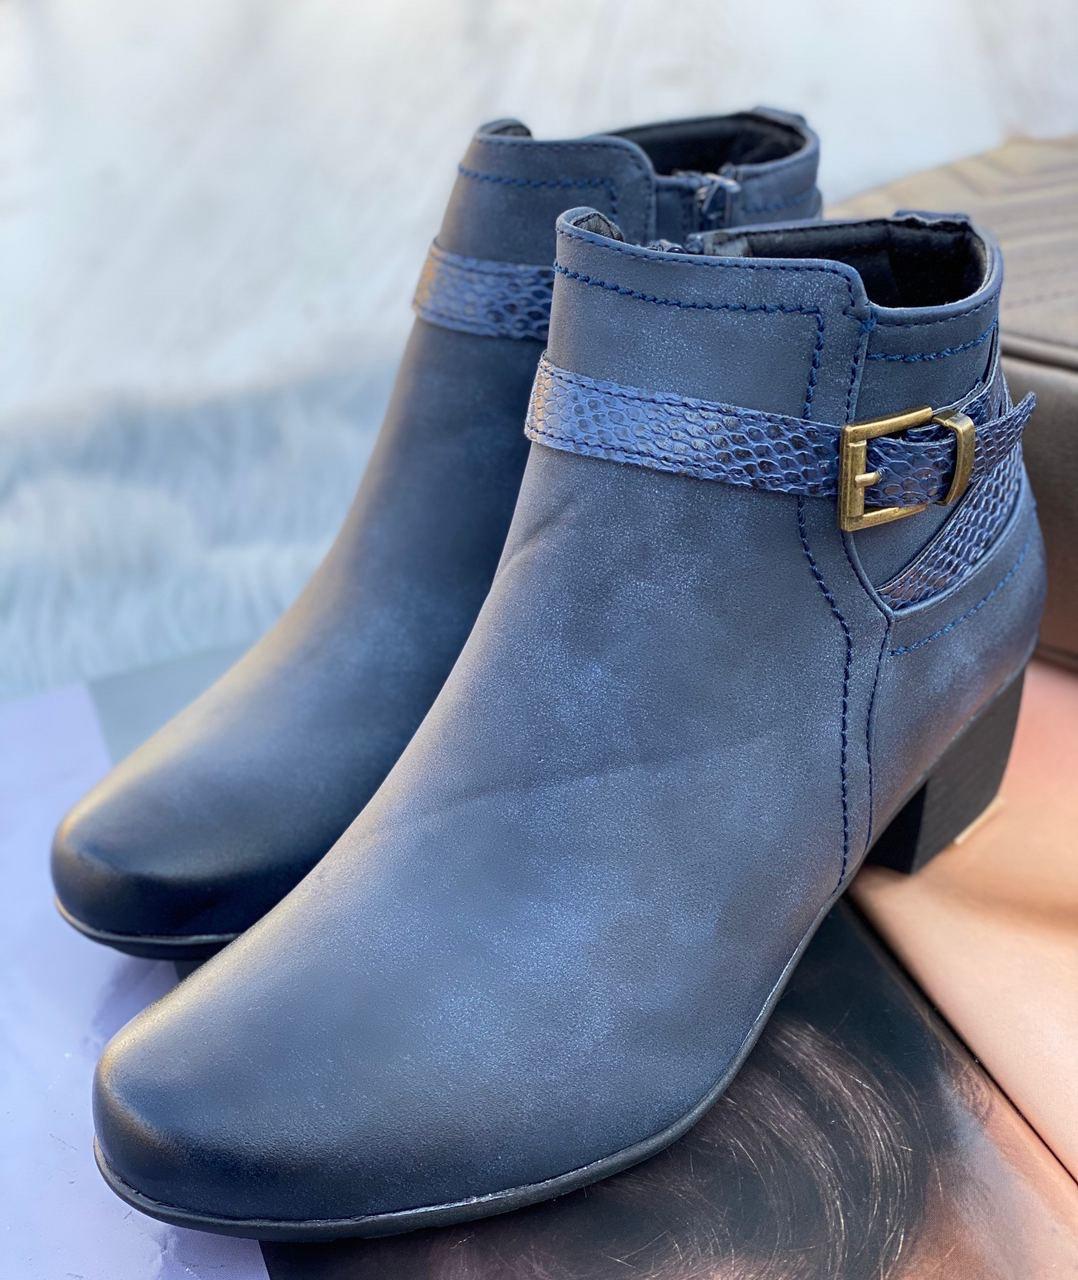 Ботинки женские Евро-Зима 6 пар в ящике синего цвета 36-41